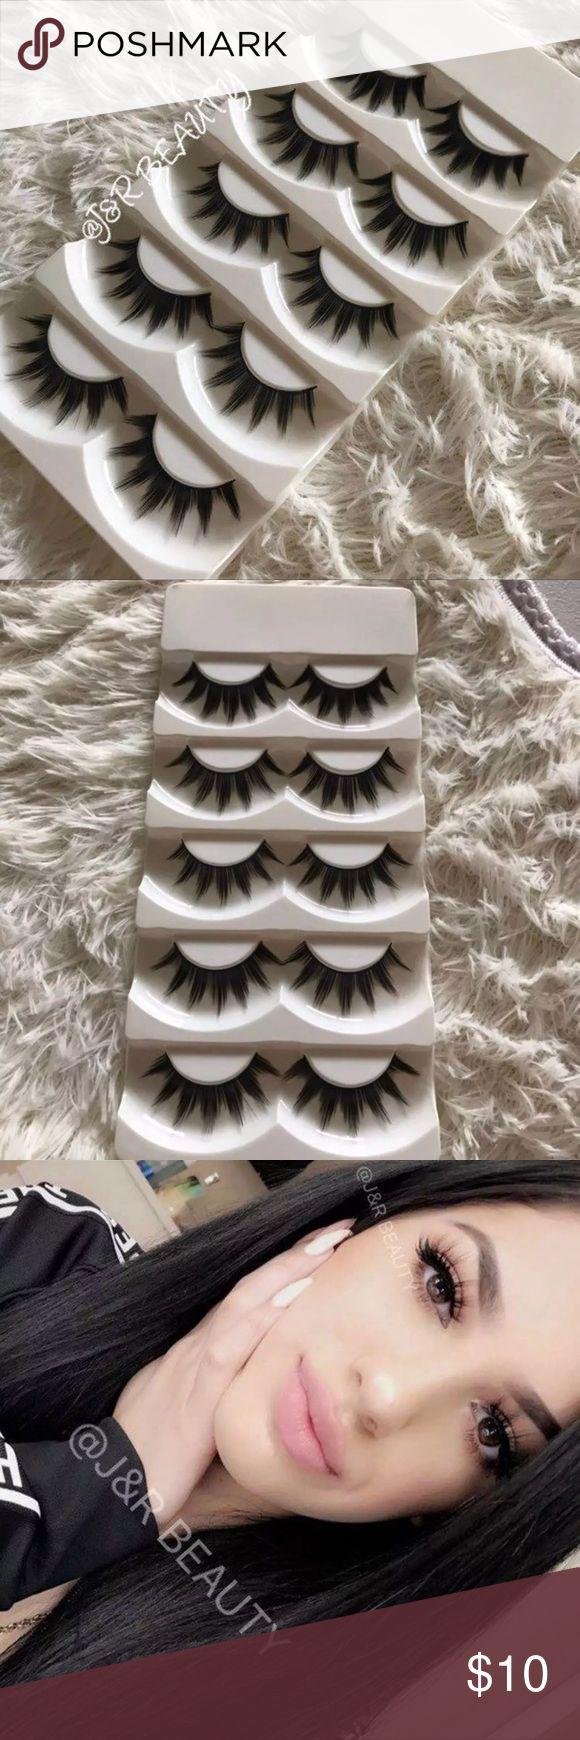 Eyelashes 5 Pairs +$2 eyelash Applicator  +$3 eyelash glue  # tags  Iconic, mink, red cherry eyelashes, house of lashes, doll, kawaii, case, full, natural,  Koko, Ardell, wispies, Demi , makeup, Iconic, mink, red cherry eyelashes, house of lashes, doll, kawaii, case, full, natural,  Koko, Ardell, wispies, Demi , makeup, mascara, eyelash applicator, Mykonos Mink , Lashes , wispy ,eyelash case, mink lashes  Ship within 24 hours ❣️ Makeup False Eyelashes